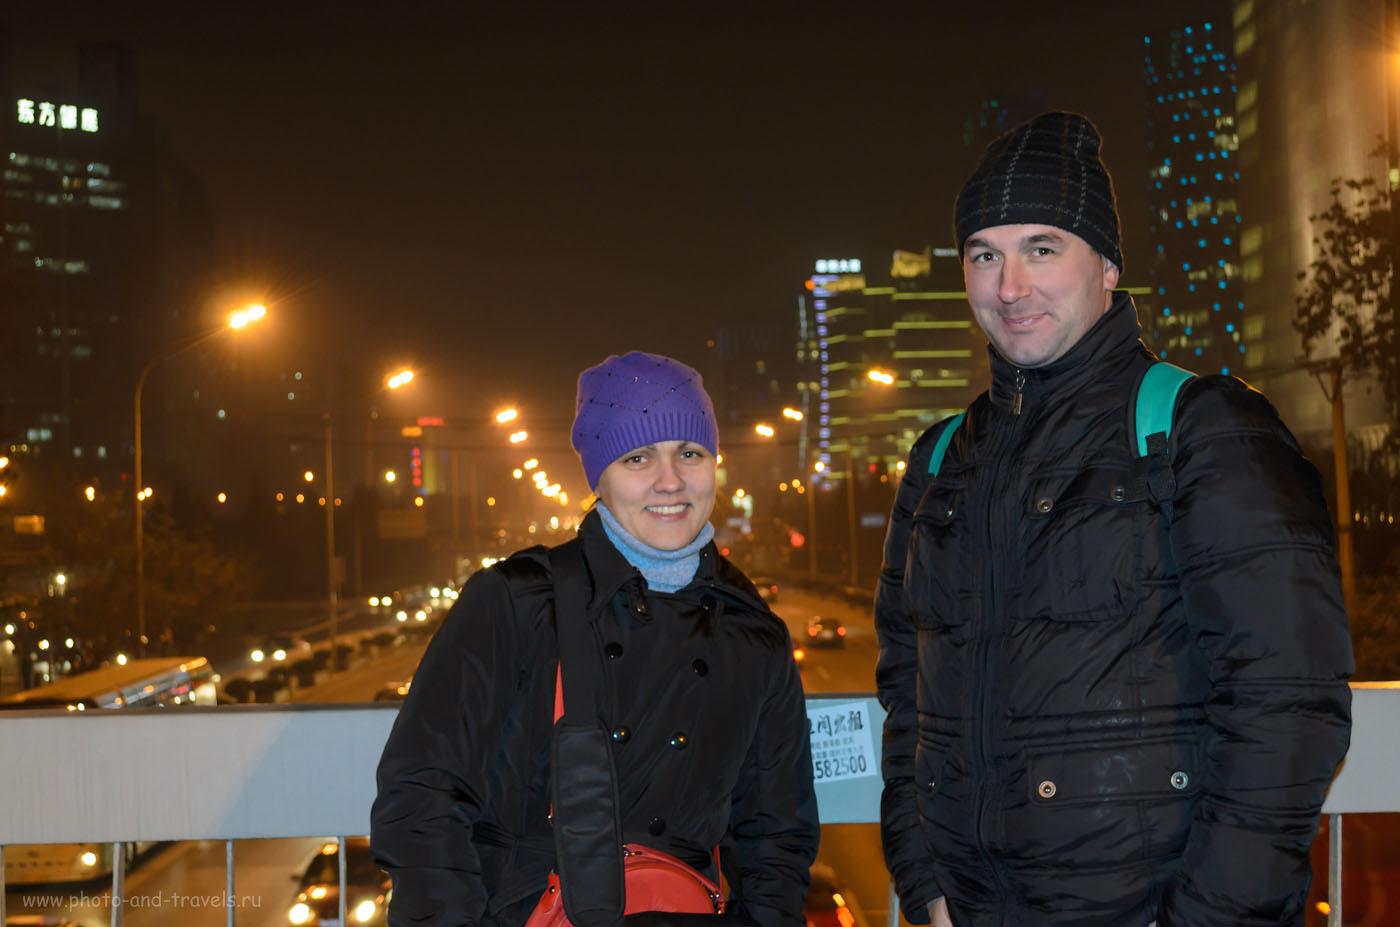 """Фотография 11. Ночной портрет на любительскую зеркалку Nikon D5100 KIT 18-55. Автор - штатив. Режим съемки """"Ночной портрет"""". Рассказы про отдых в Китае. Отзывы об экскурсиях в Пекине."""